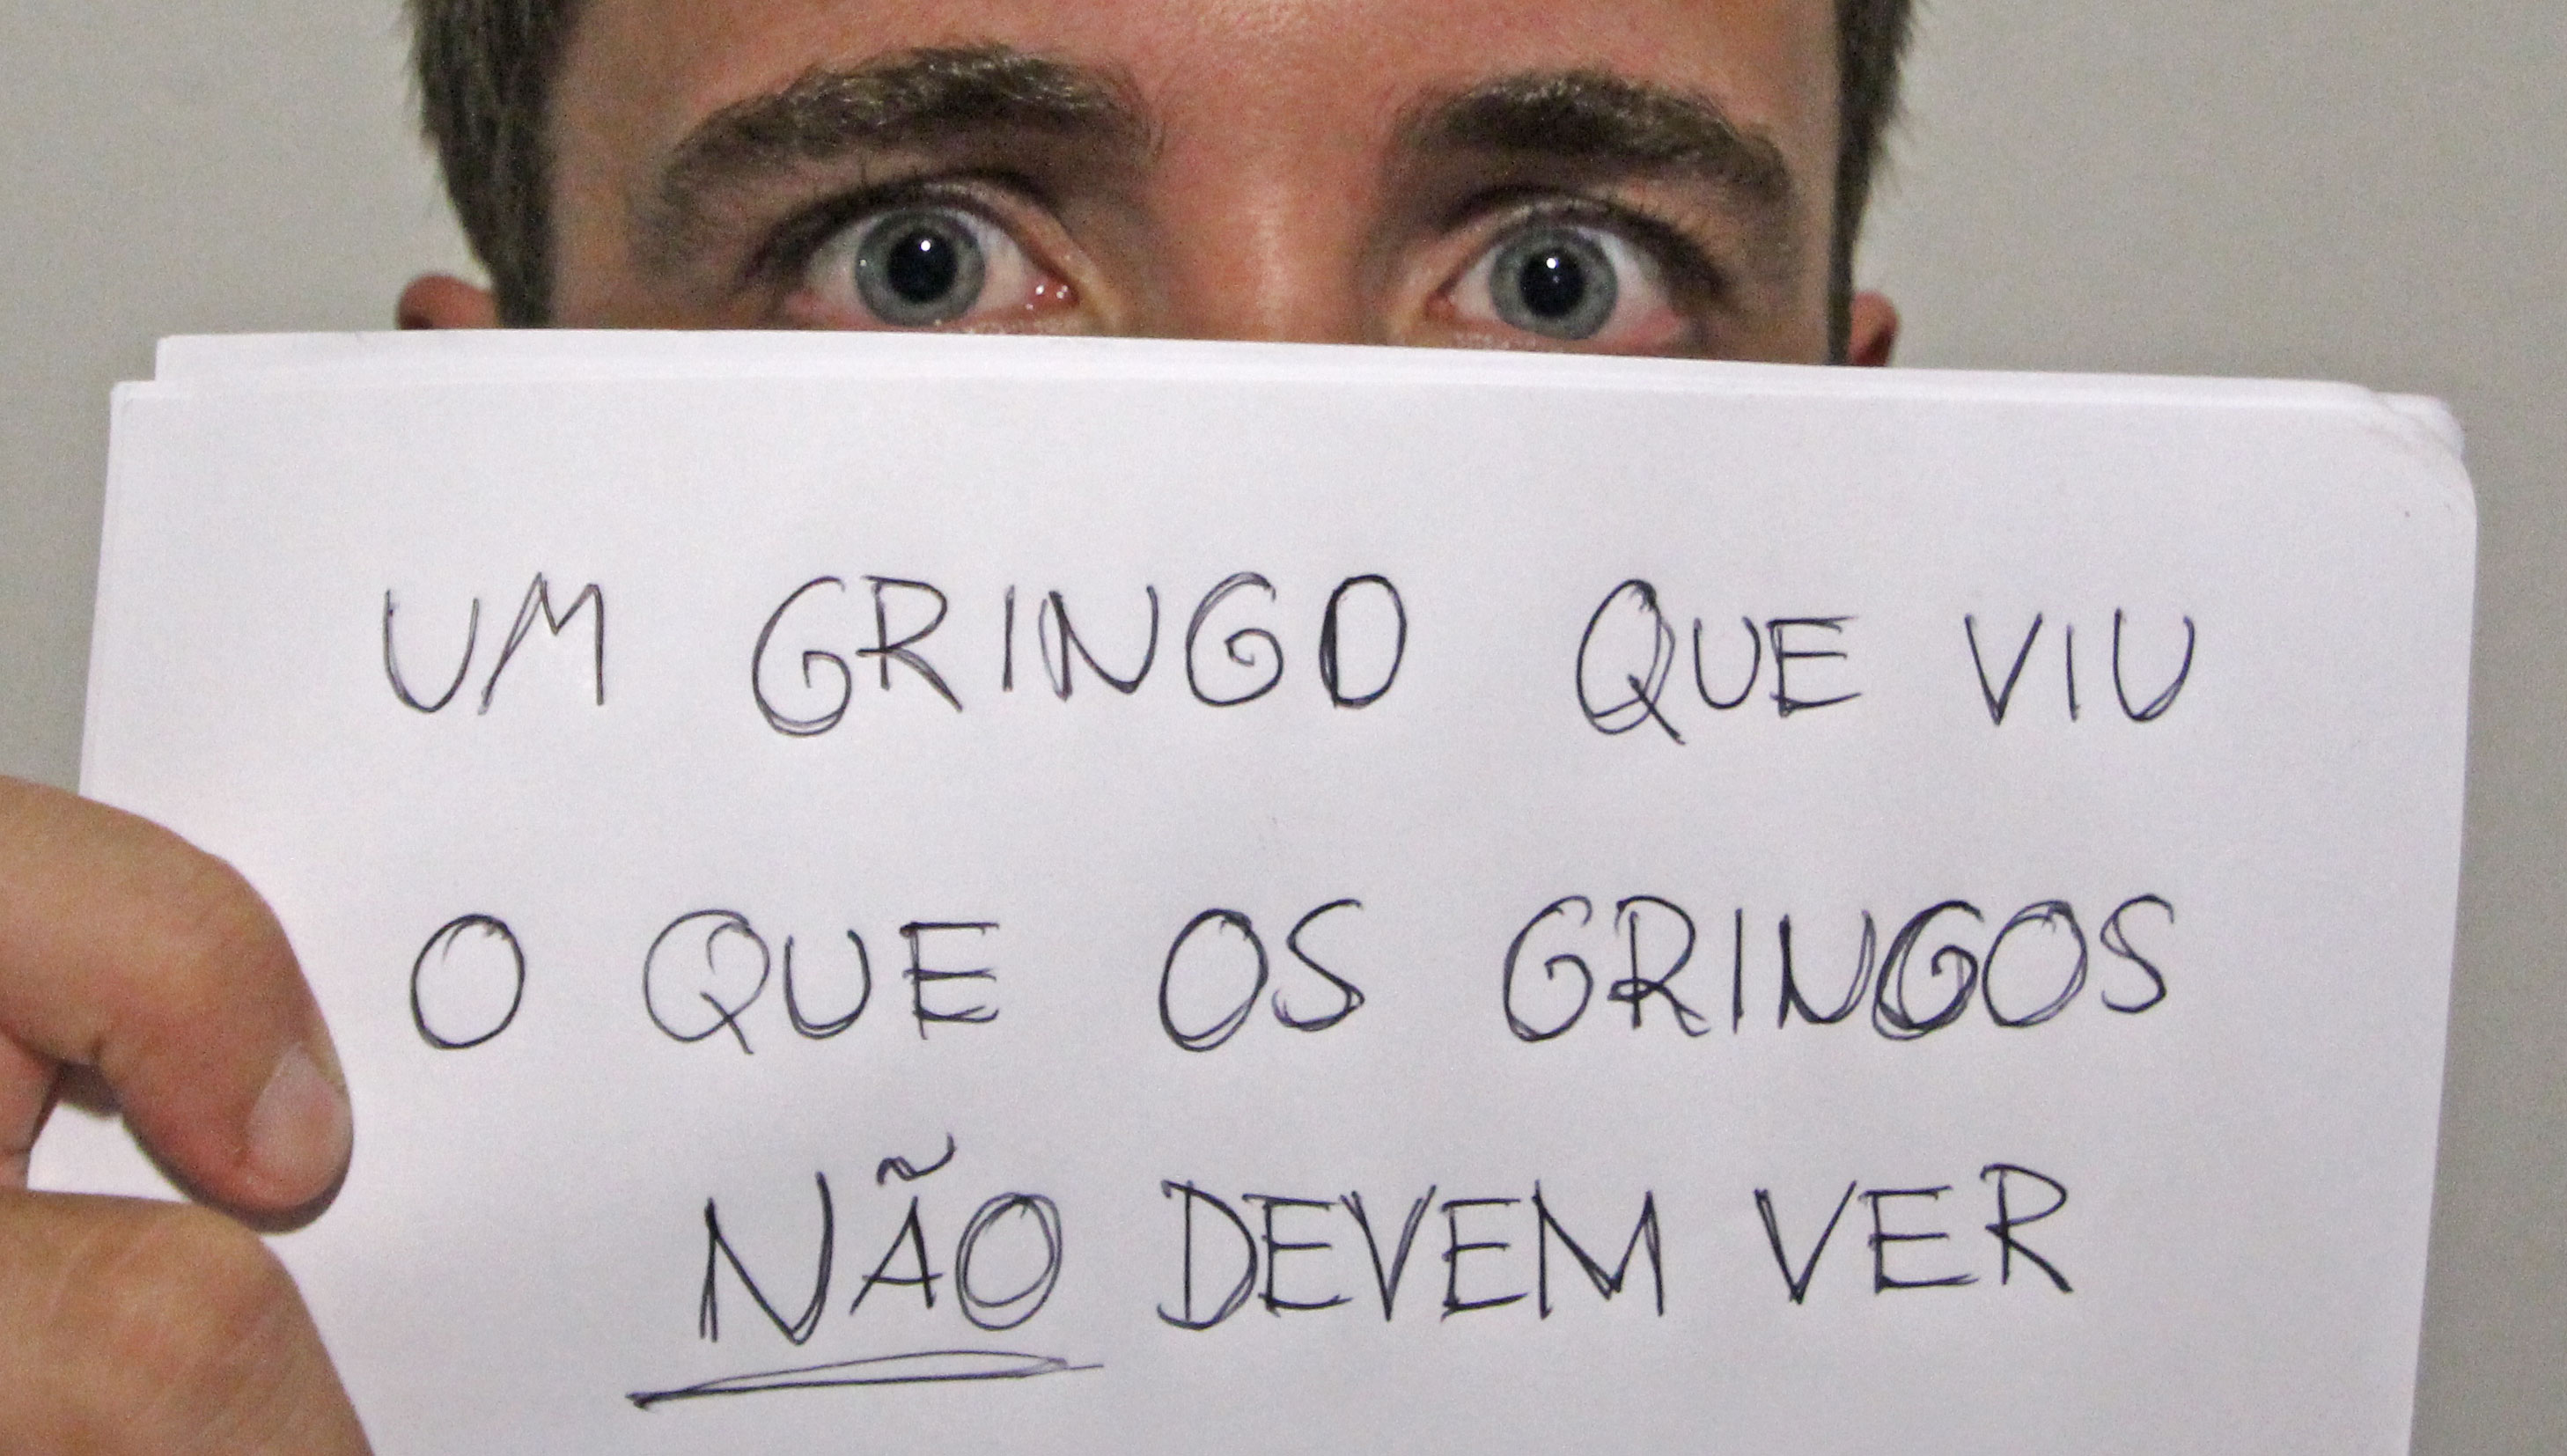 Jornalista estrangeiro se decepciona com Fortaleza e desiste de cobrir Copa no Brasil (FOTO: Arquivo pessoal)